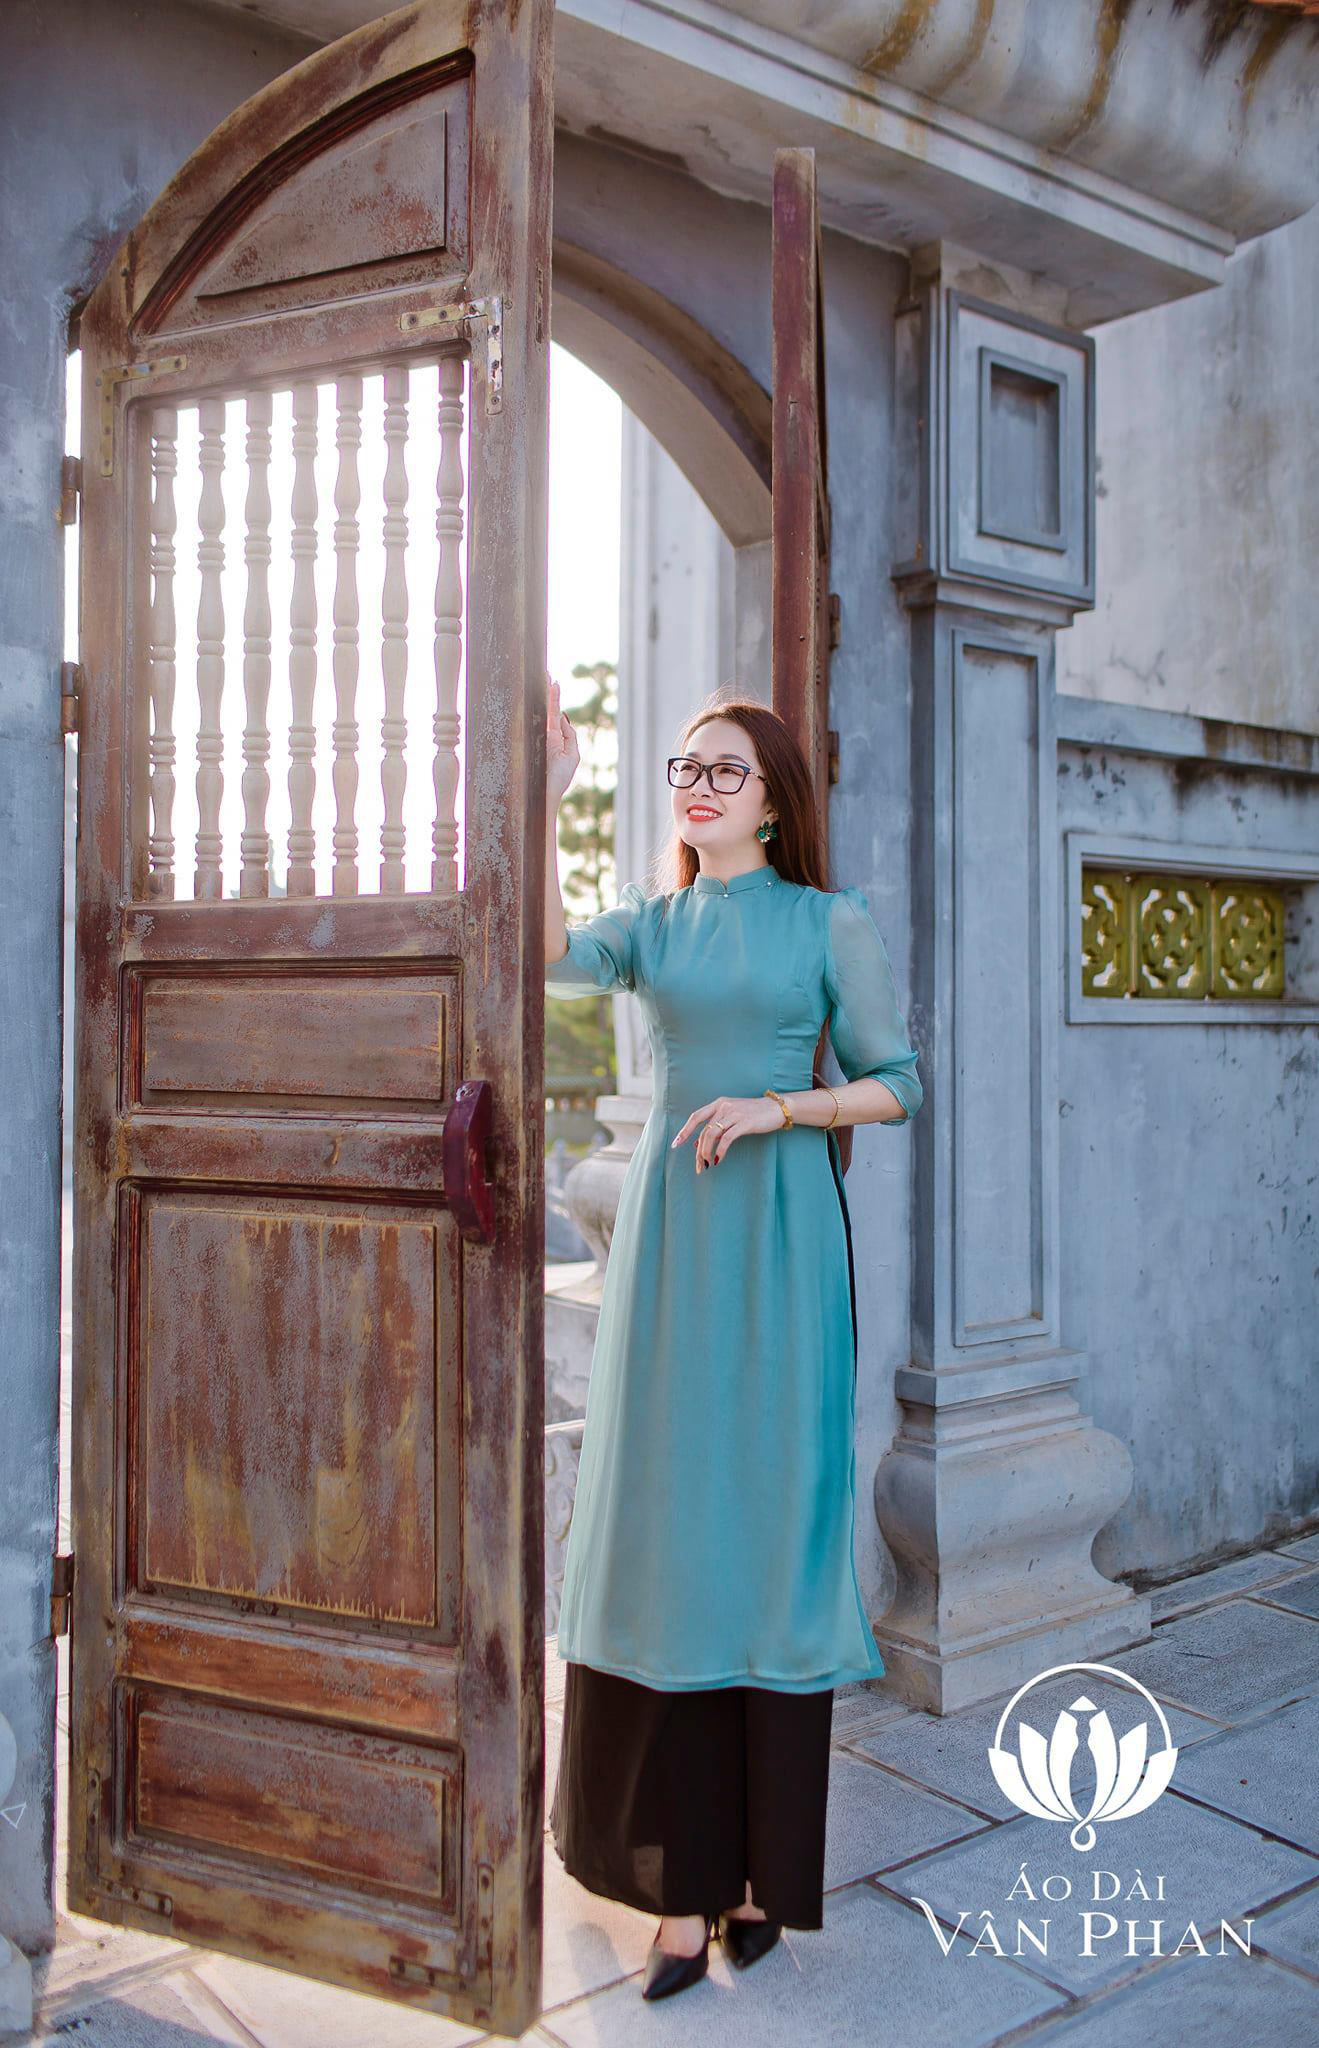 Áo Dài Vân Phan - Nơi cập nhật xu hướng thời trang cho phái đẹp - Ảnh 3.